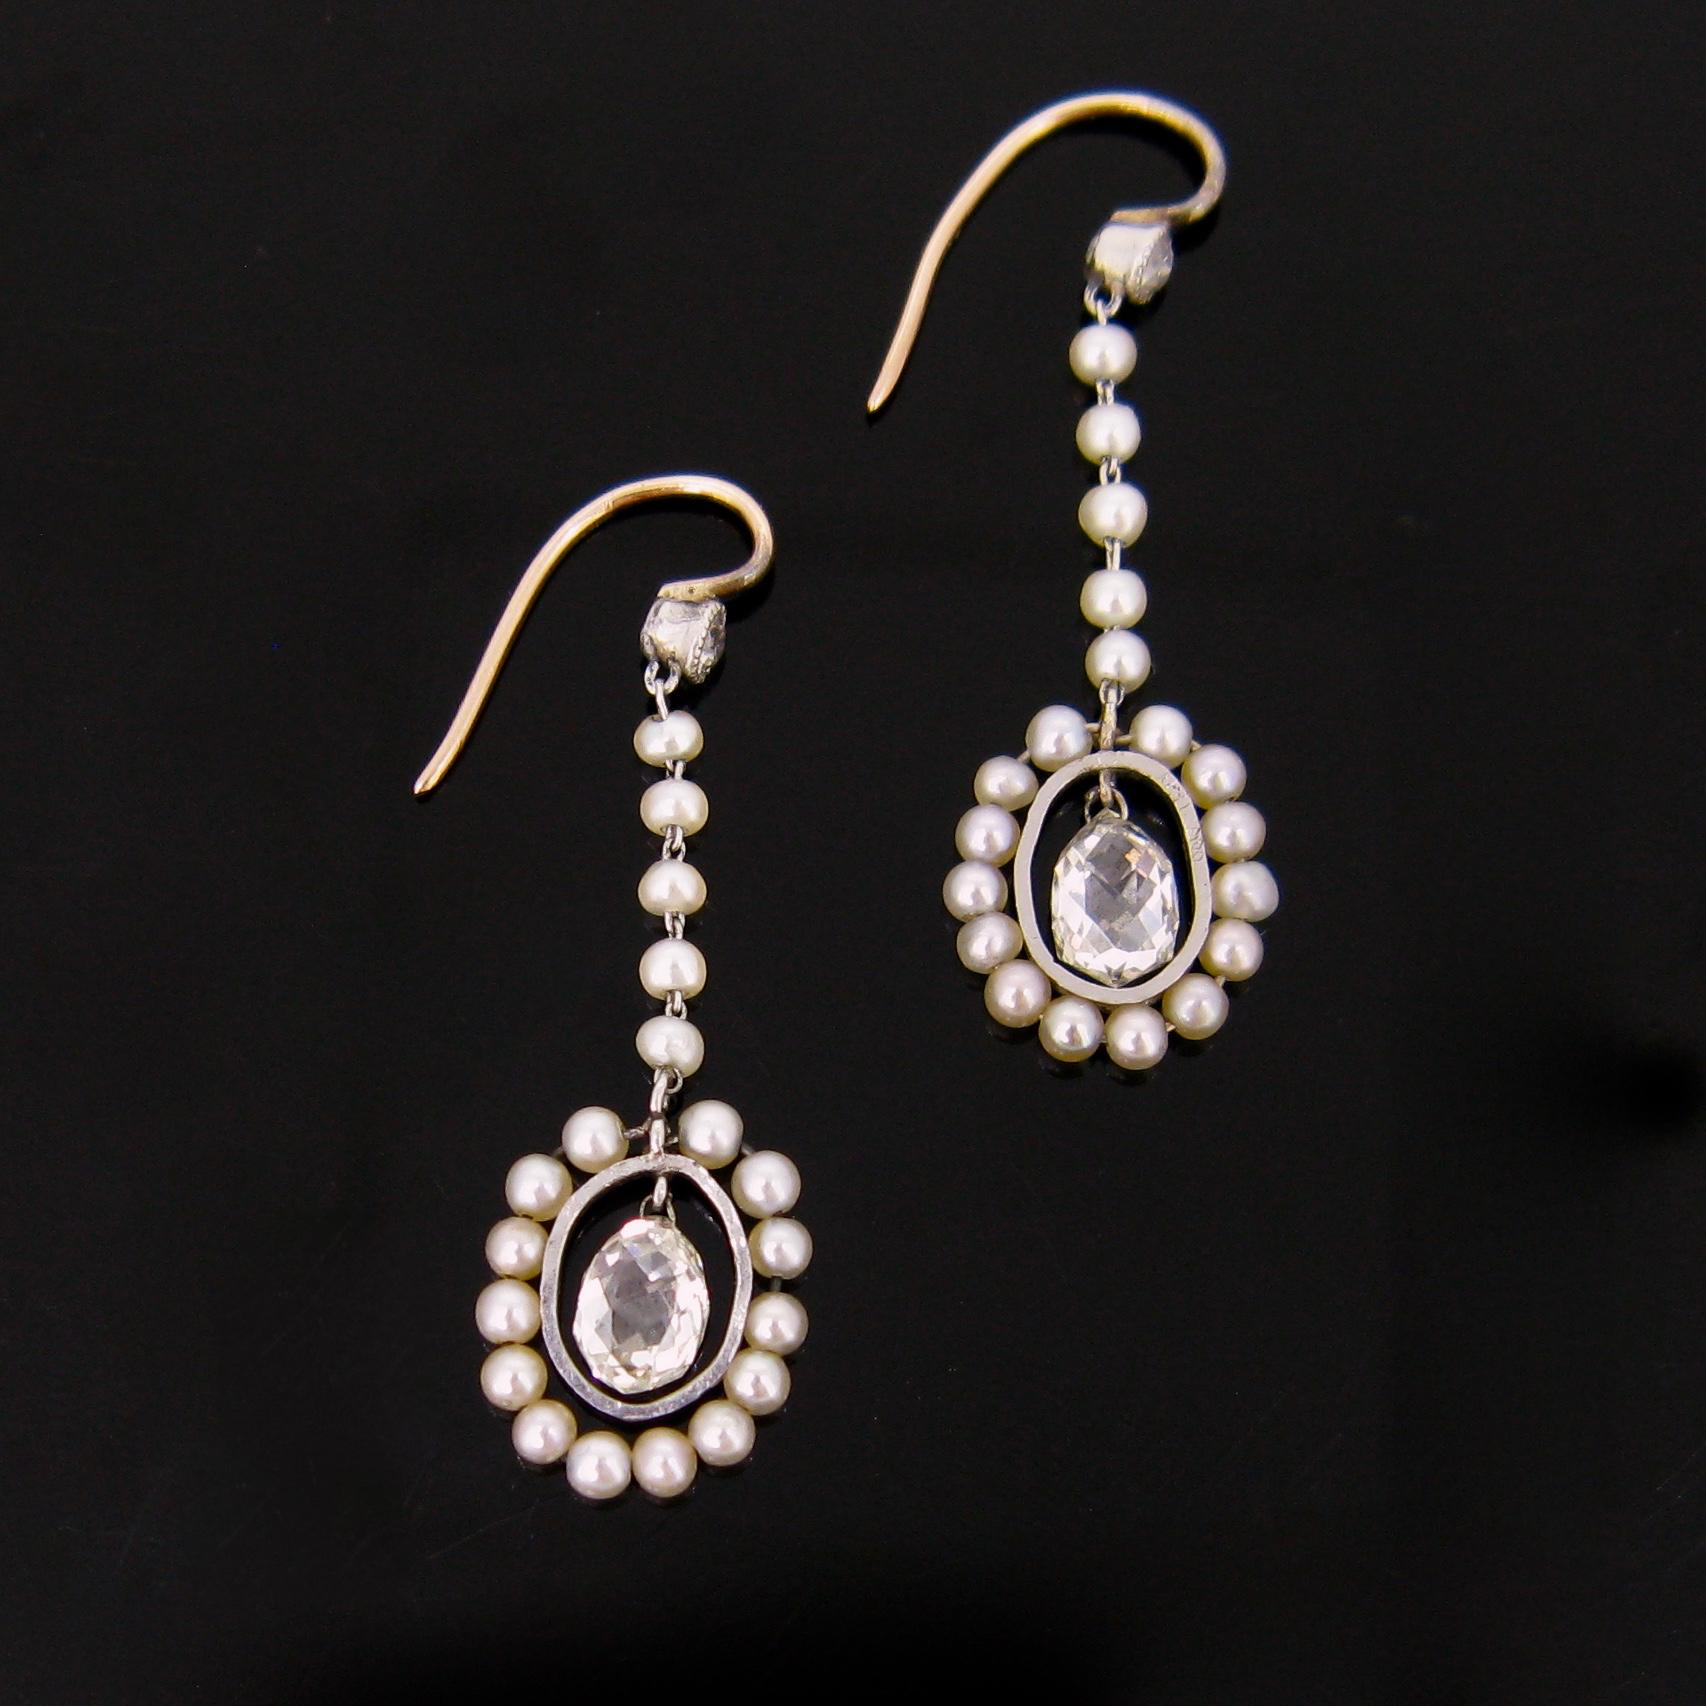 Briolette Cut Diamonds Pearls Earrings